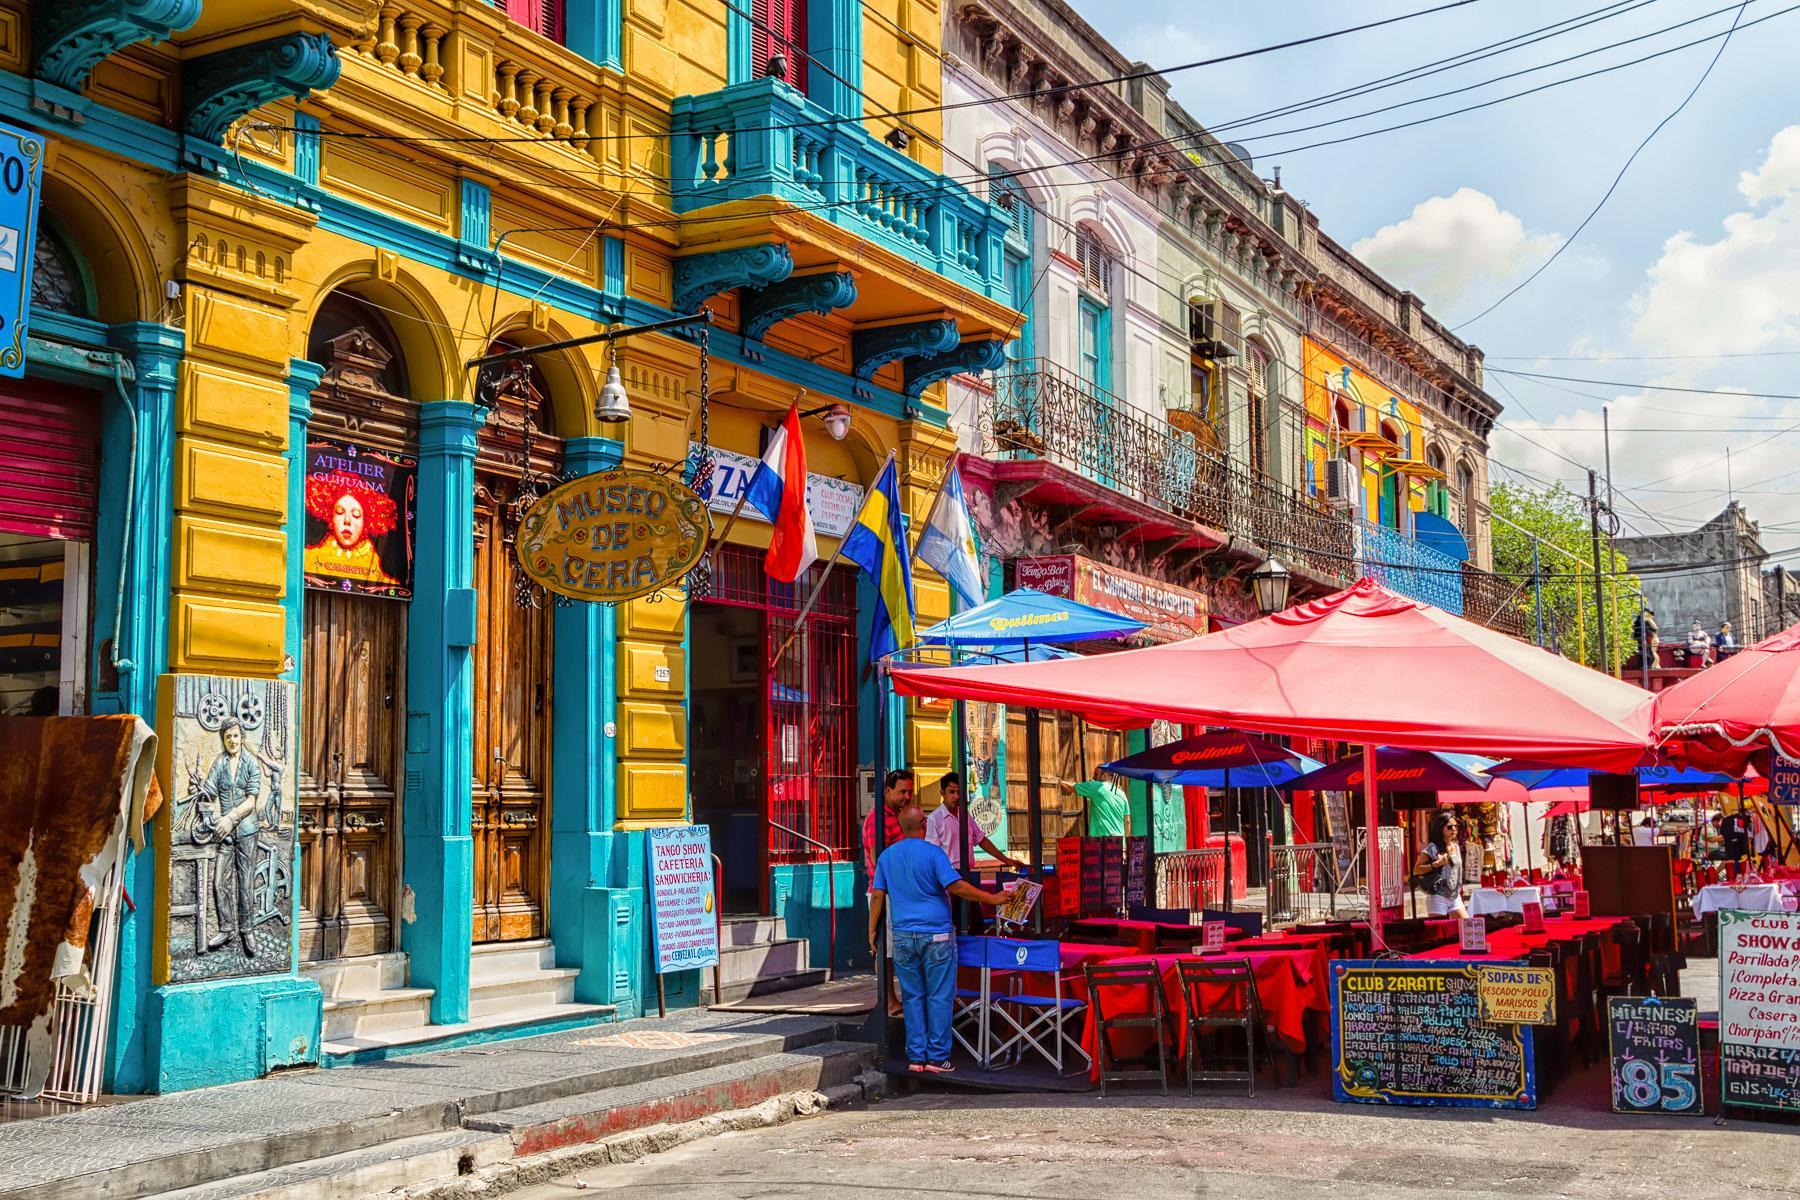 """Résultat de recherche d'images pour """"La Boca neighborhood buenos aires"""""""